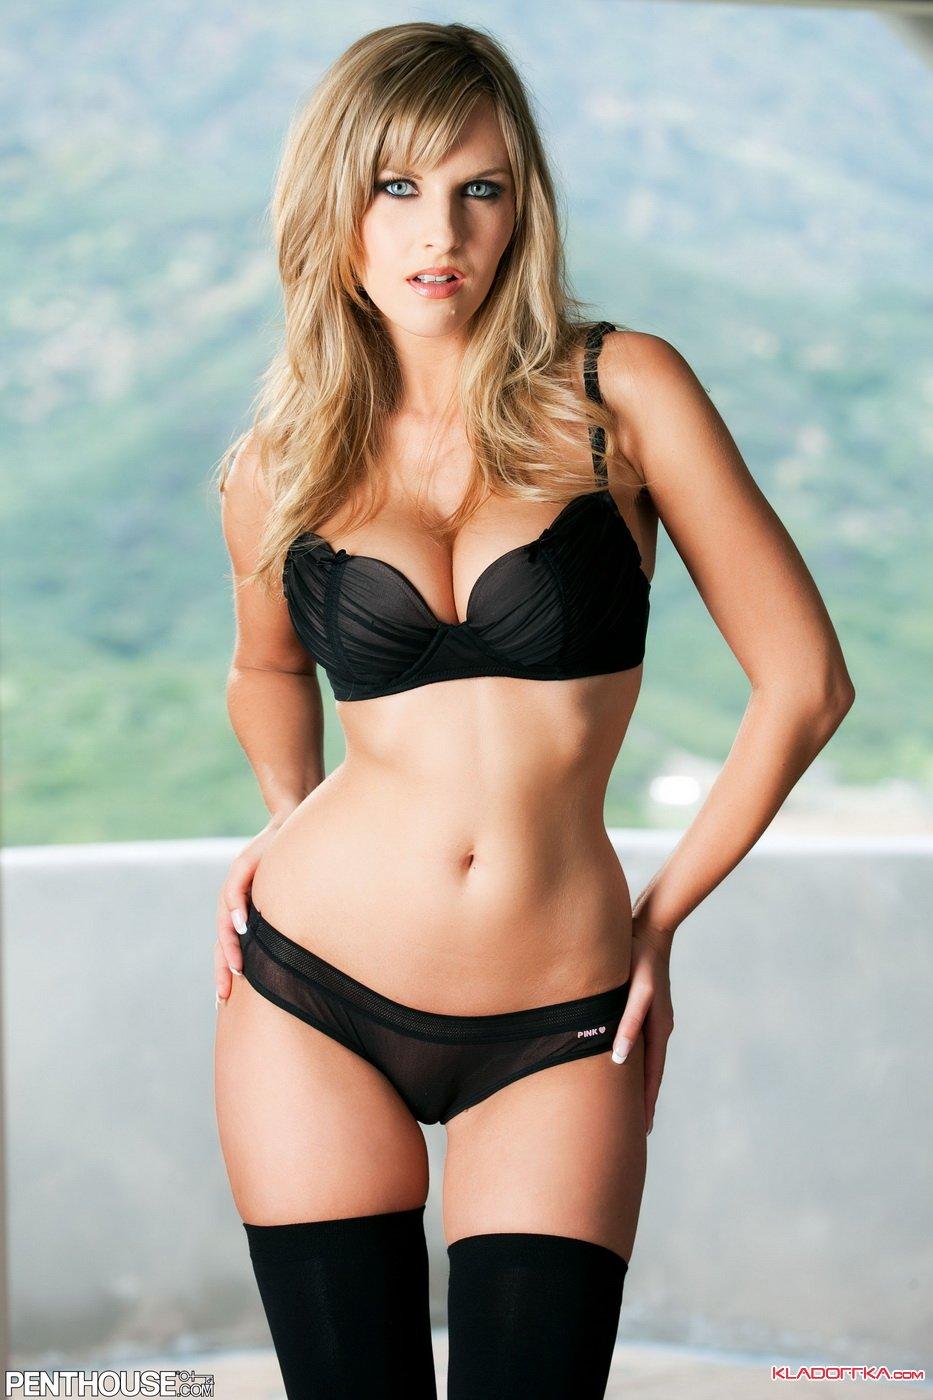 Грудь женщины, голые теле модели